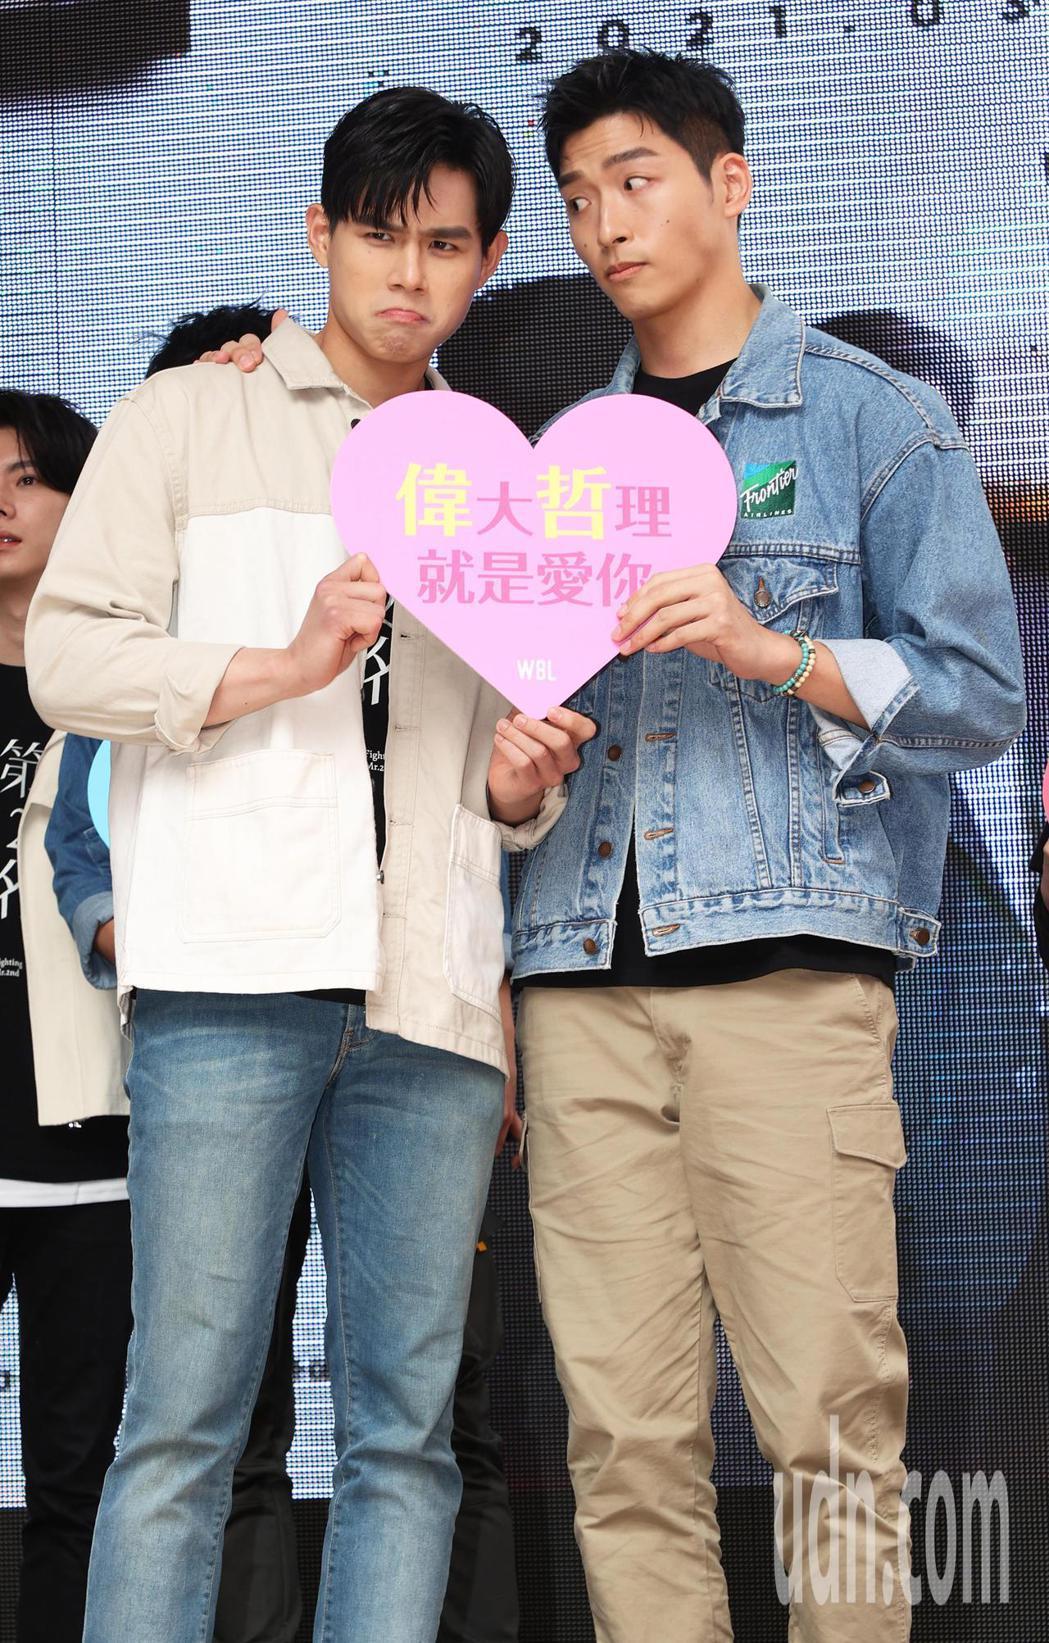 「第二名的逆襲」影集主要演員羅德弘(右)與李齊(左)今天與粉絲見面。記者潘俊宏/...